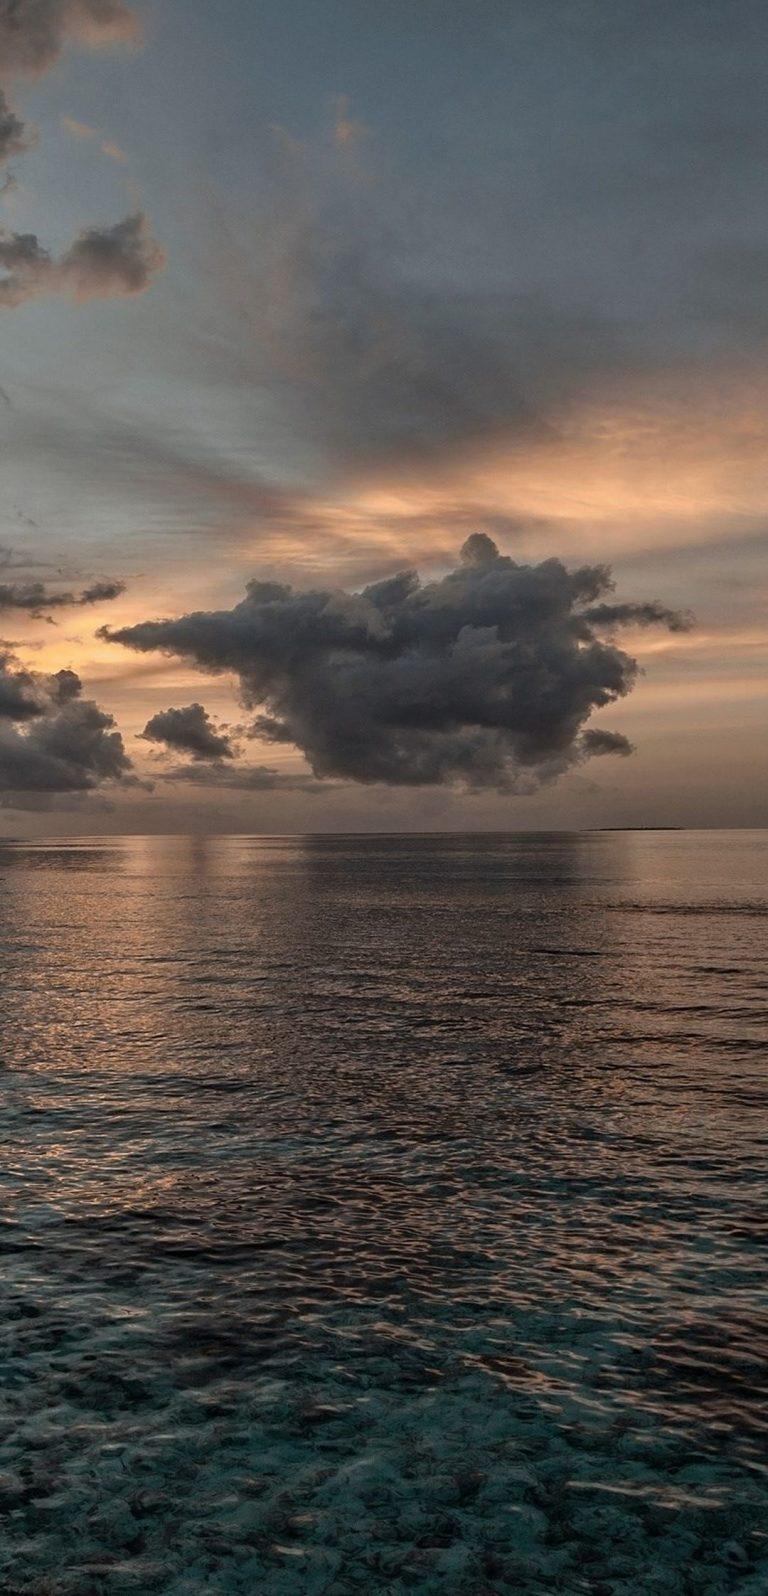 Sunset Sea Sky Ol Landscape 1080x2244 768x1596